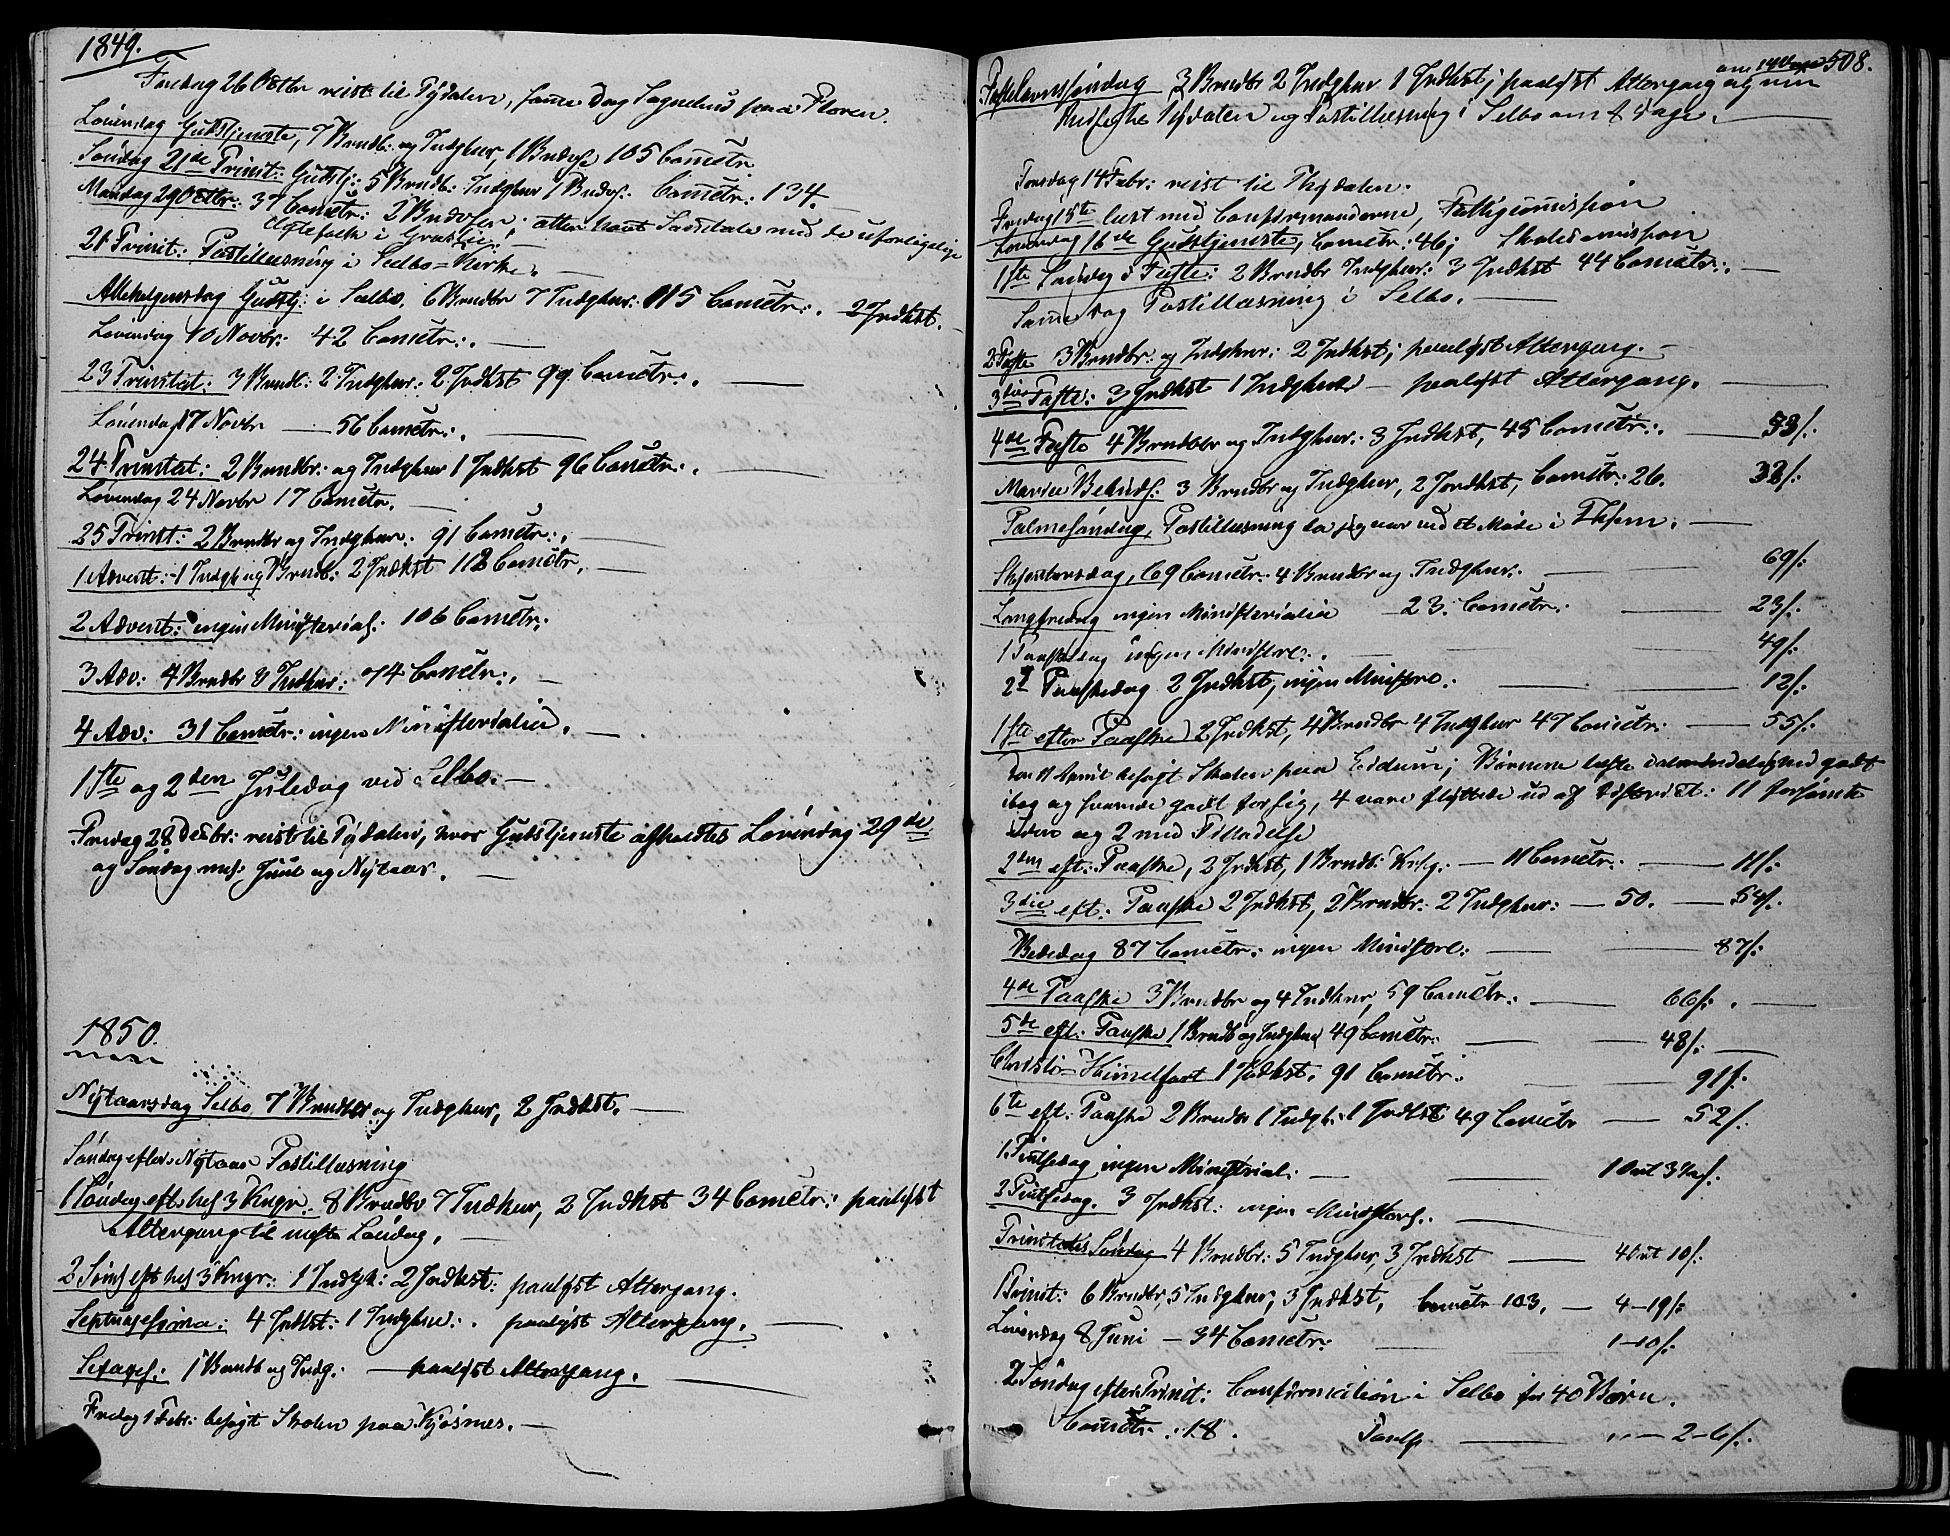 SAT, Ministerialprotokoller, klokkerbøker og fødselsregistre - Sør-Trøndelag, 695/L1145: Ministerialbok nr. 695A06 /1, 1843-1859, s. 508